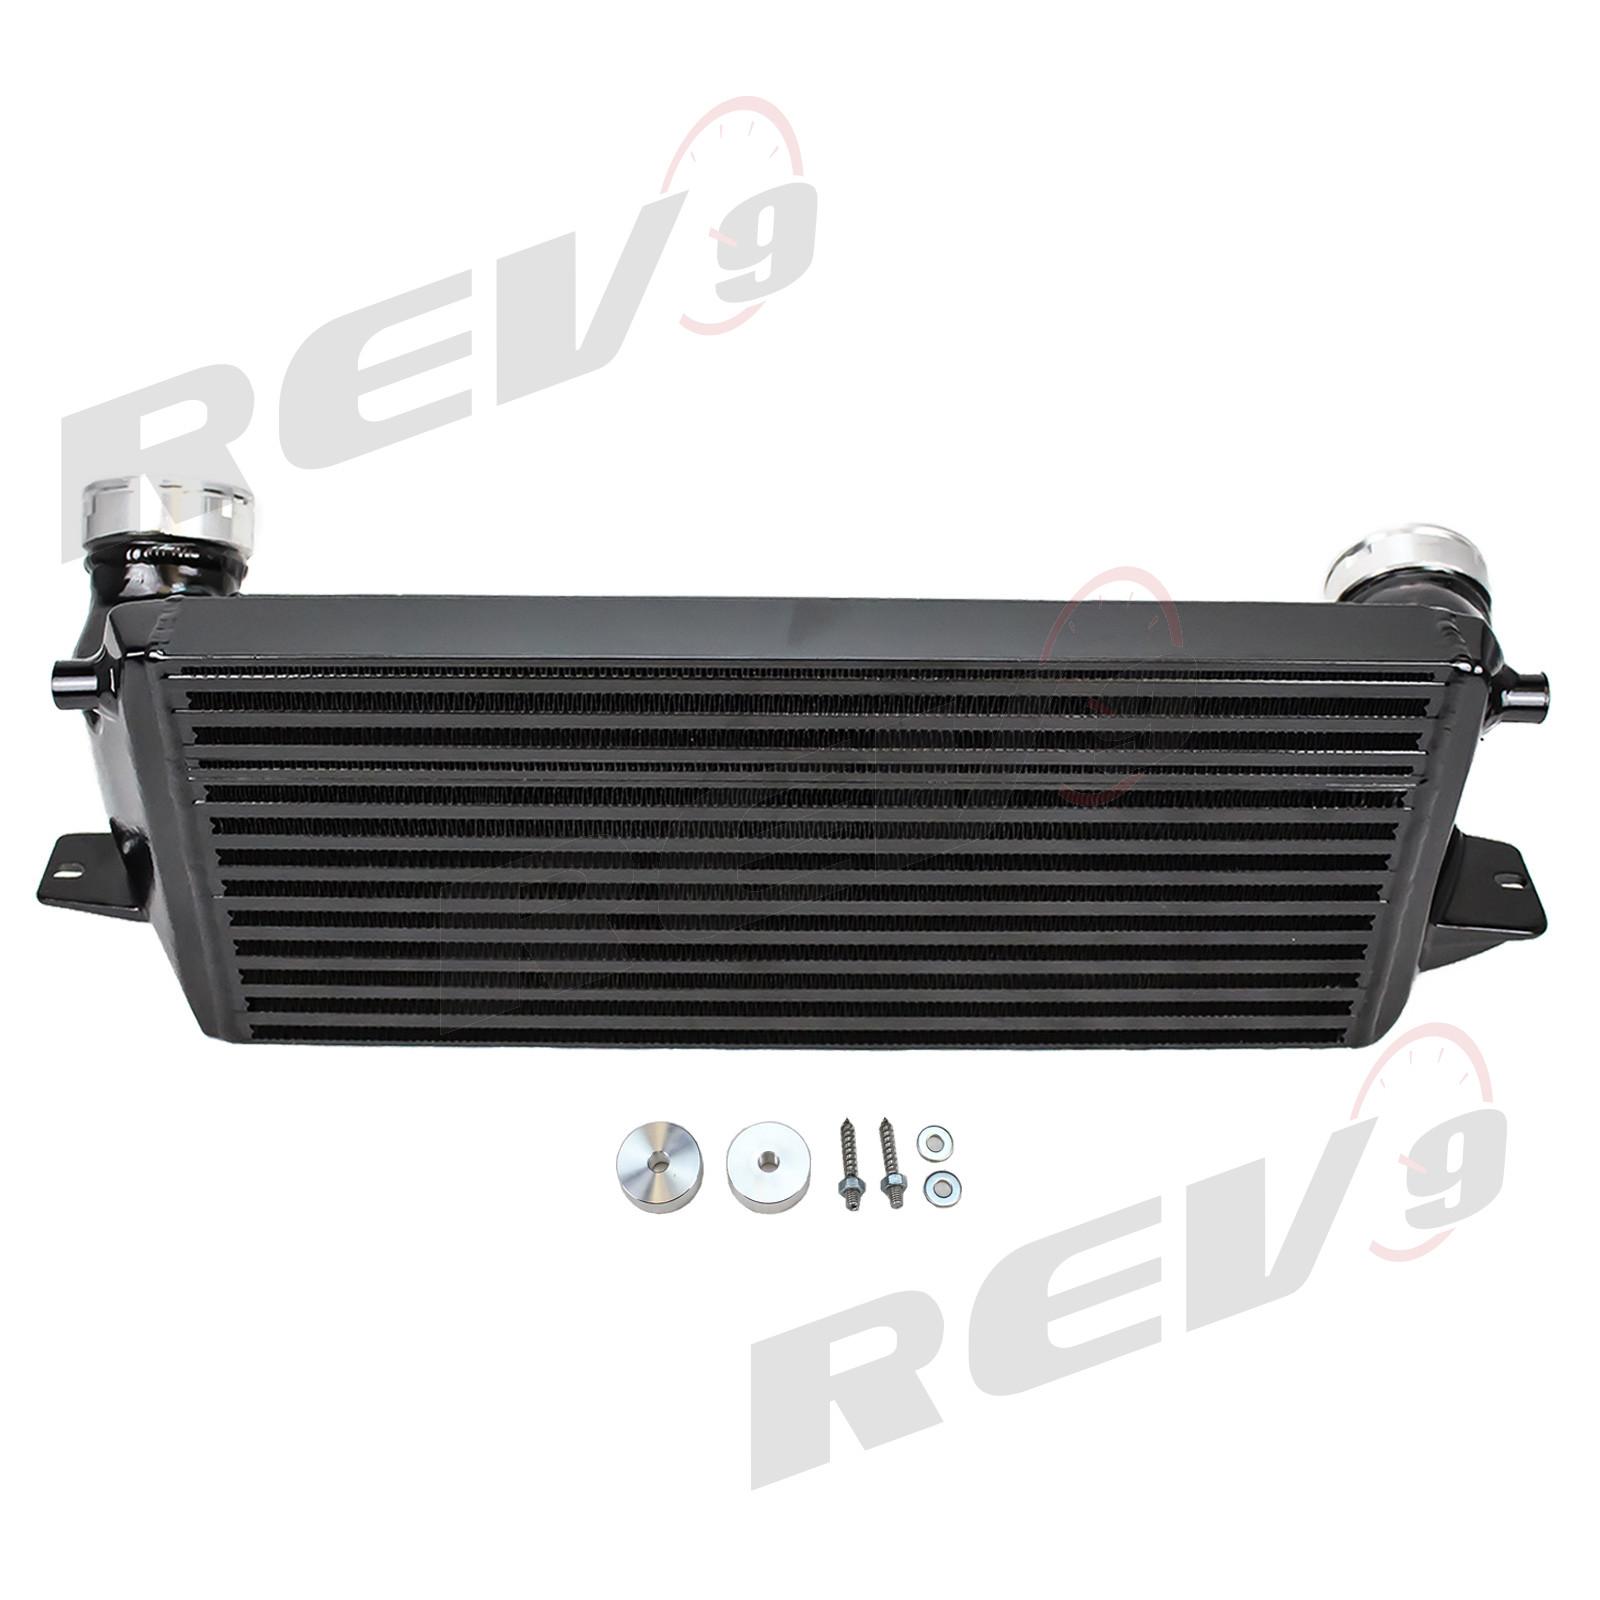 Bmw Xi 2006: Rev9Power: BMW 335i/Xi(E90/E91/E92/E93) 2006-12 Bolt-On